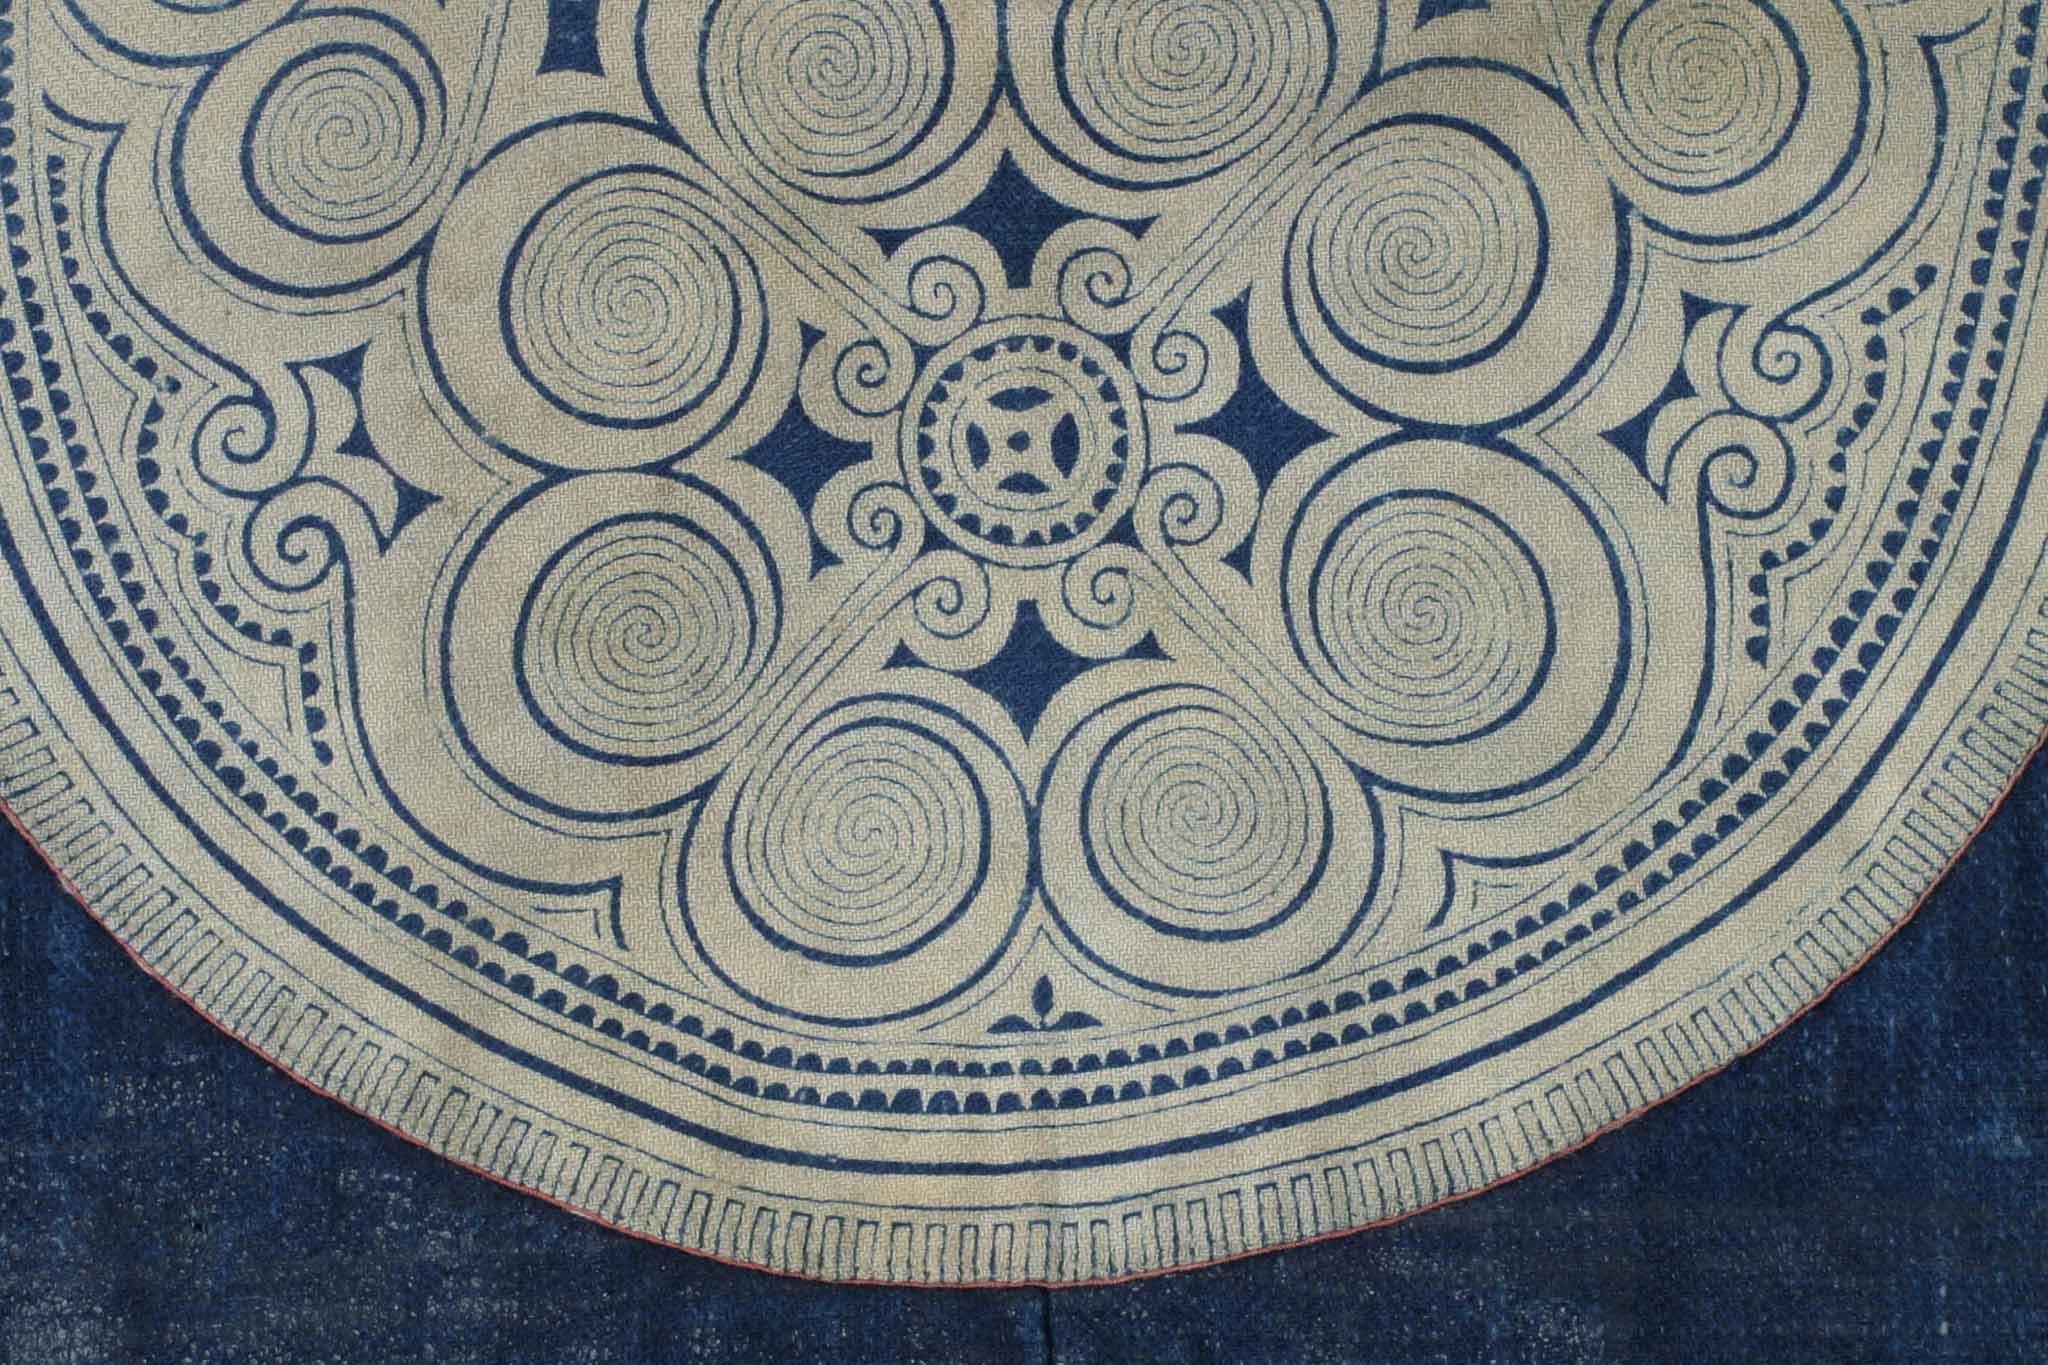 モン族民族衣装の文様